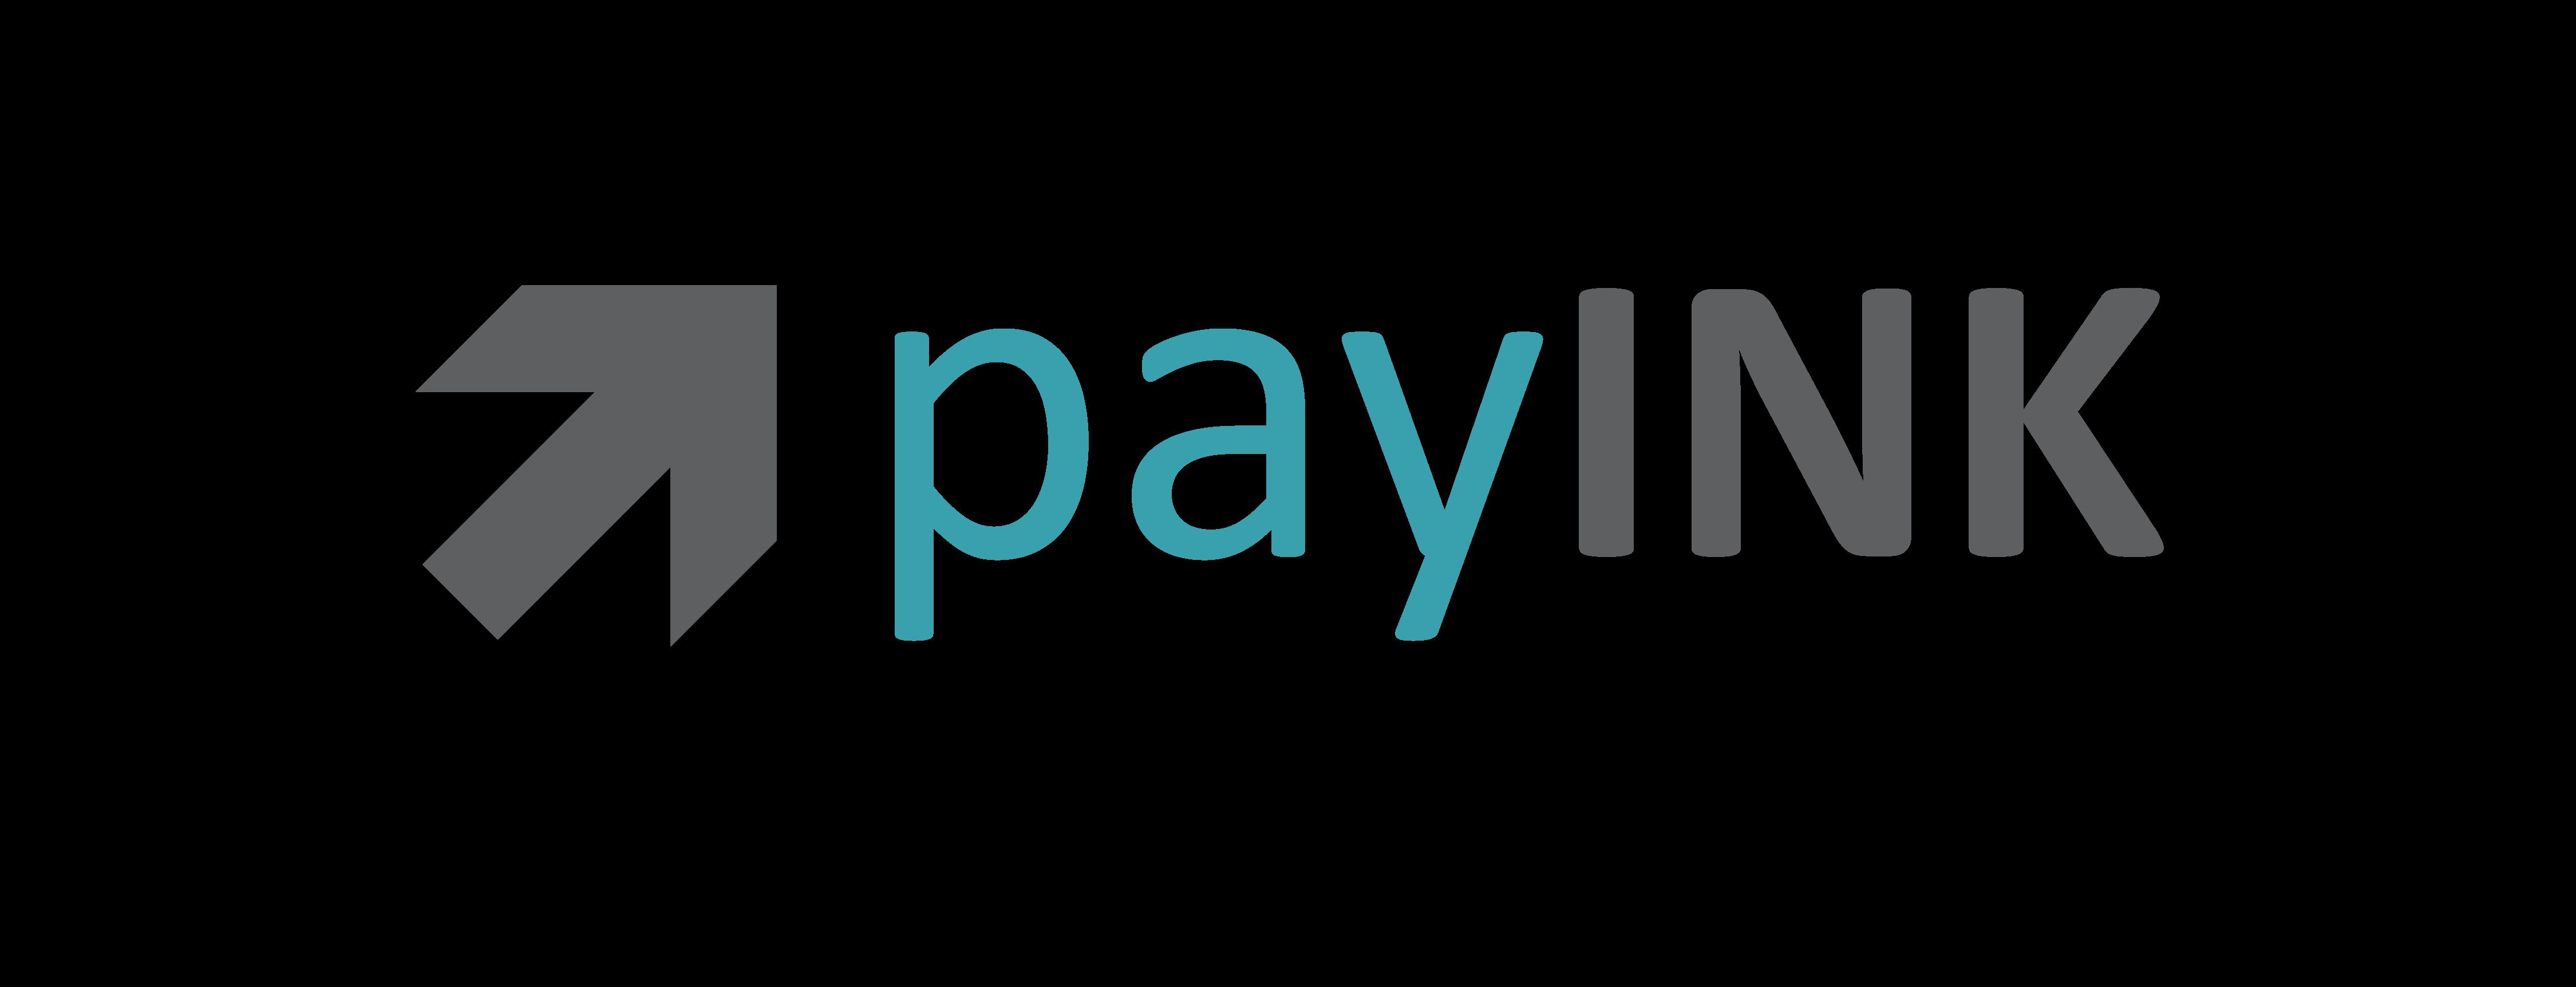 Payink Logo